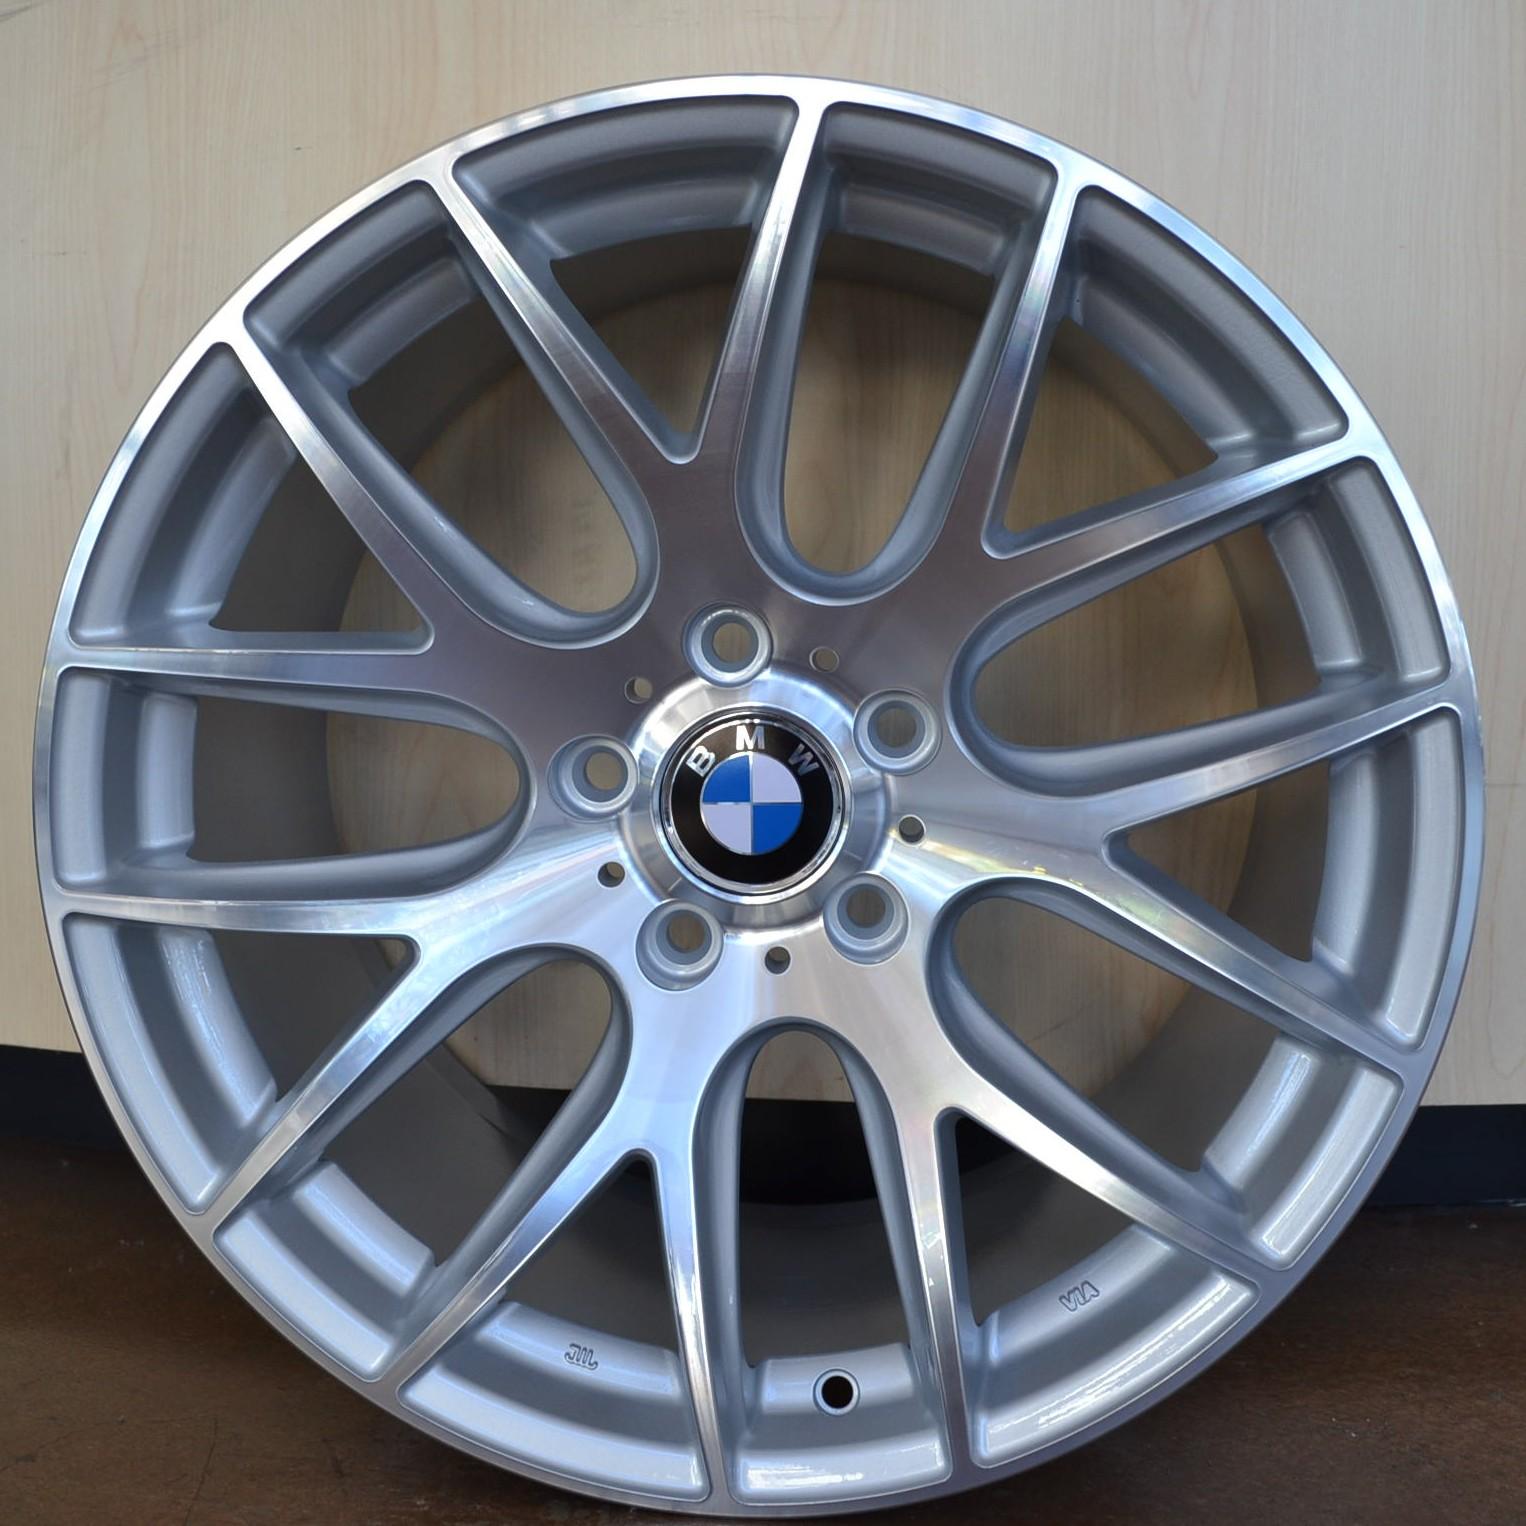 Bmw Wheels Rim 325i 325xi 325ci E46 E90 M3 Hyper Silver Machine Coupe Fuse Box